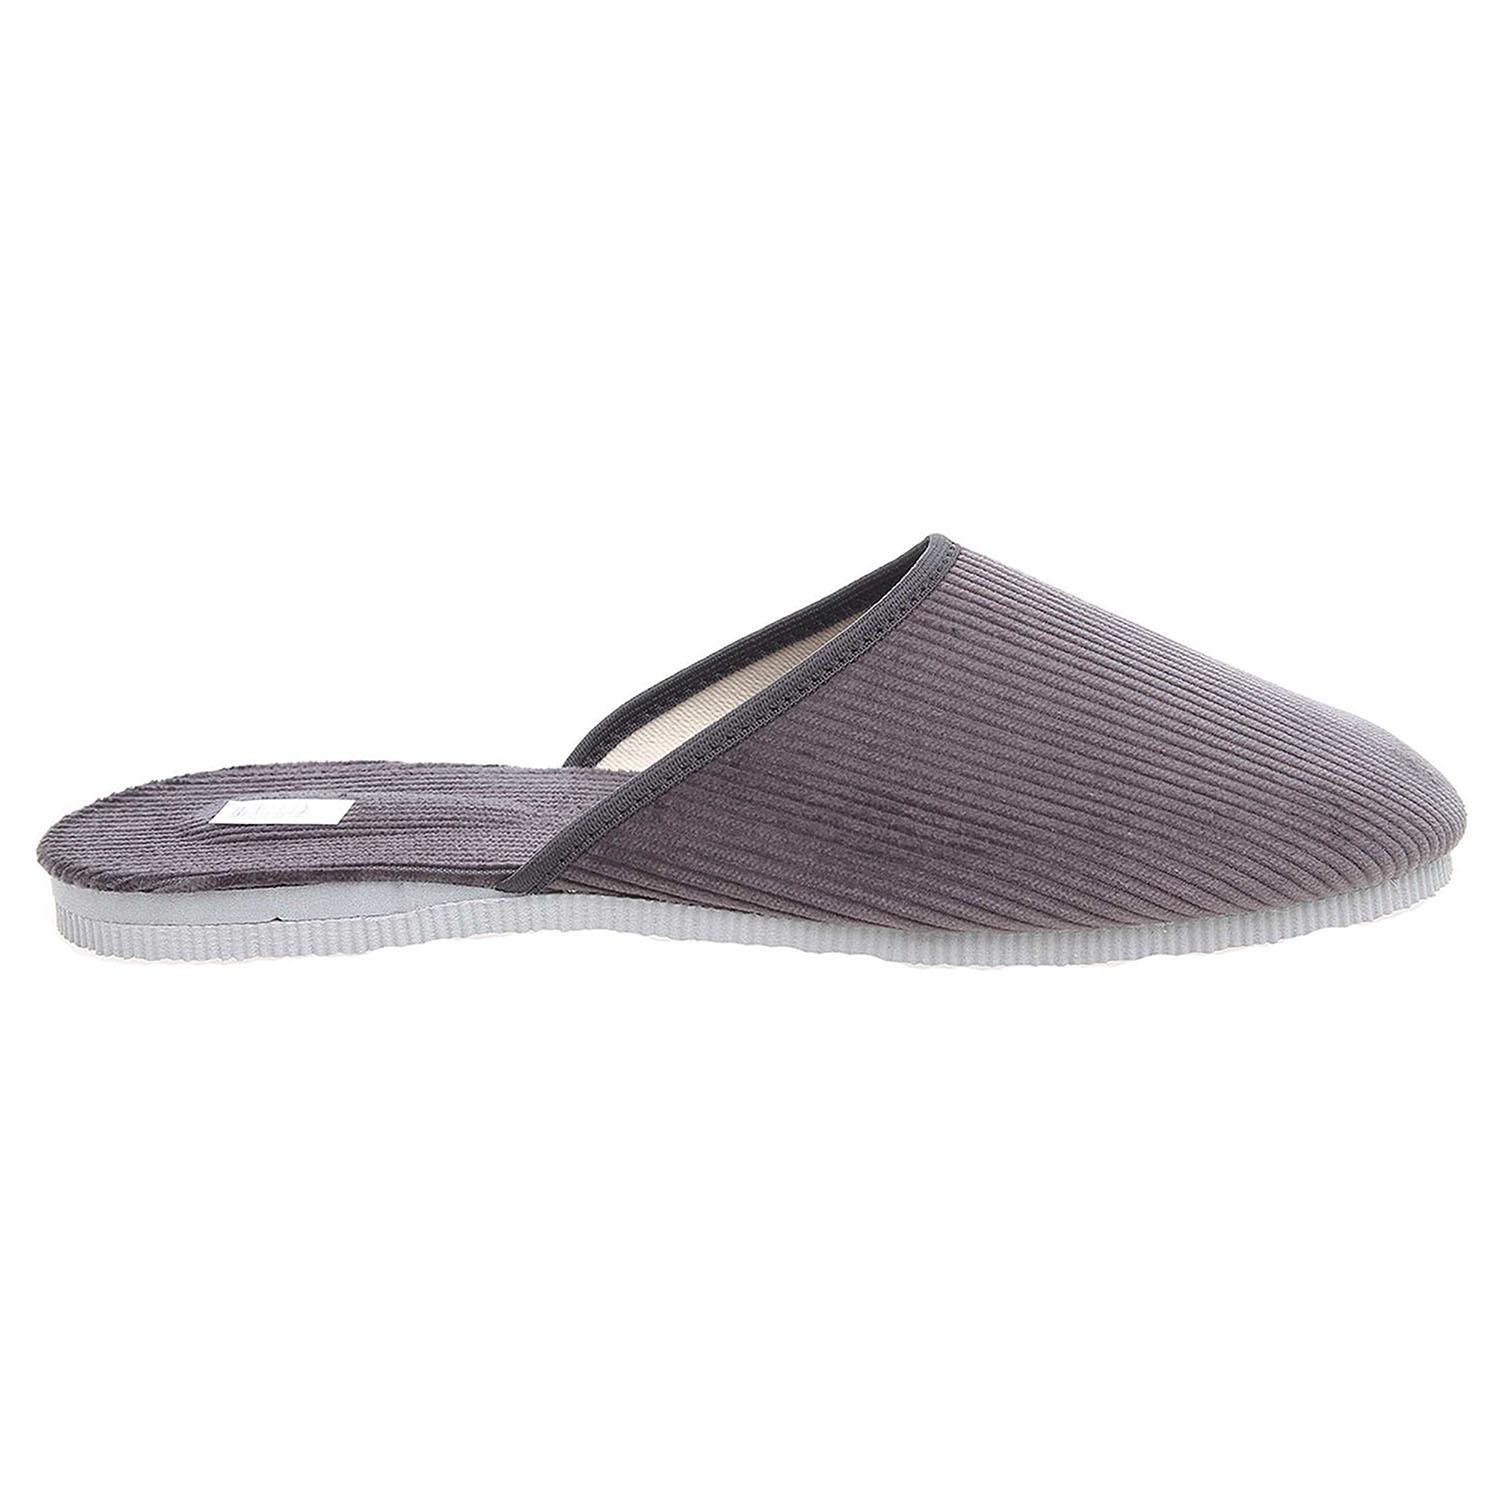 Ecco Pánské domácí pantofle 1009.00 šedé 24800243